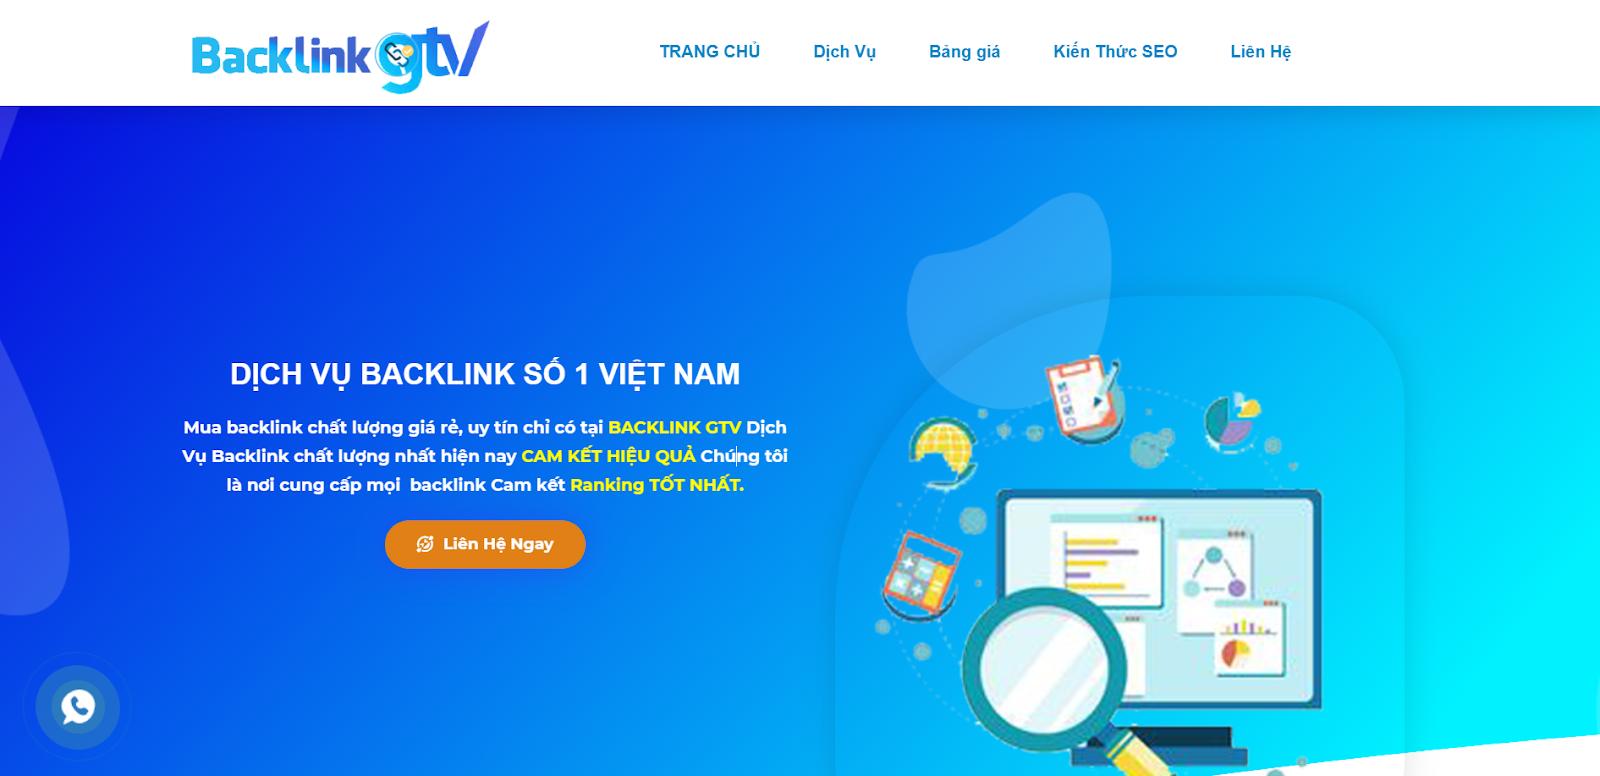 BacklinkGTV - Dịch Vụ Backlink Chất Lượng Hỗ Trợ SEO Bền Vững